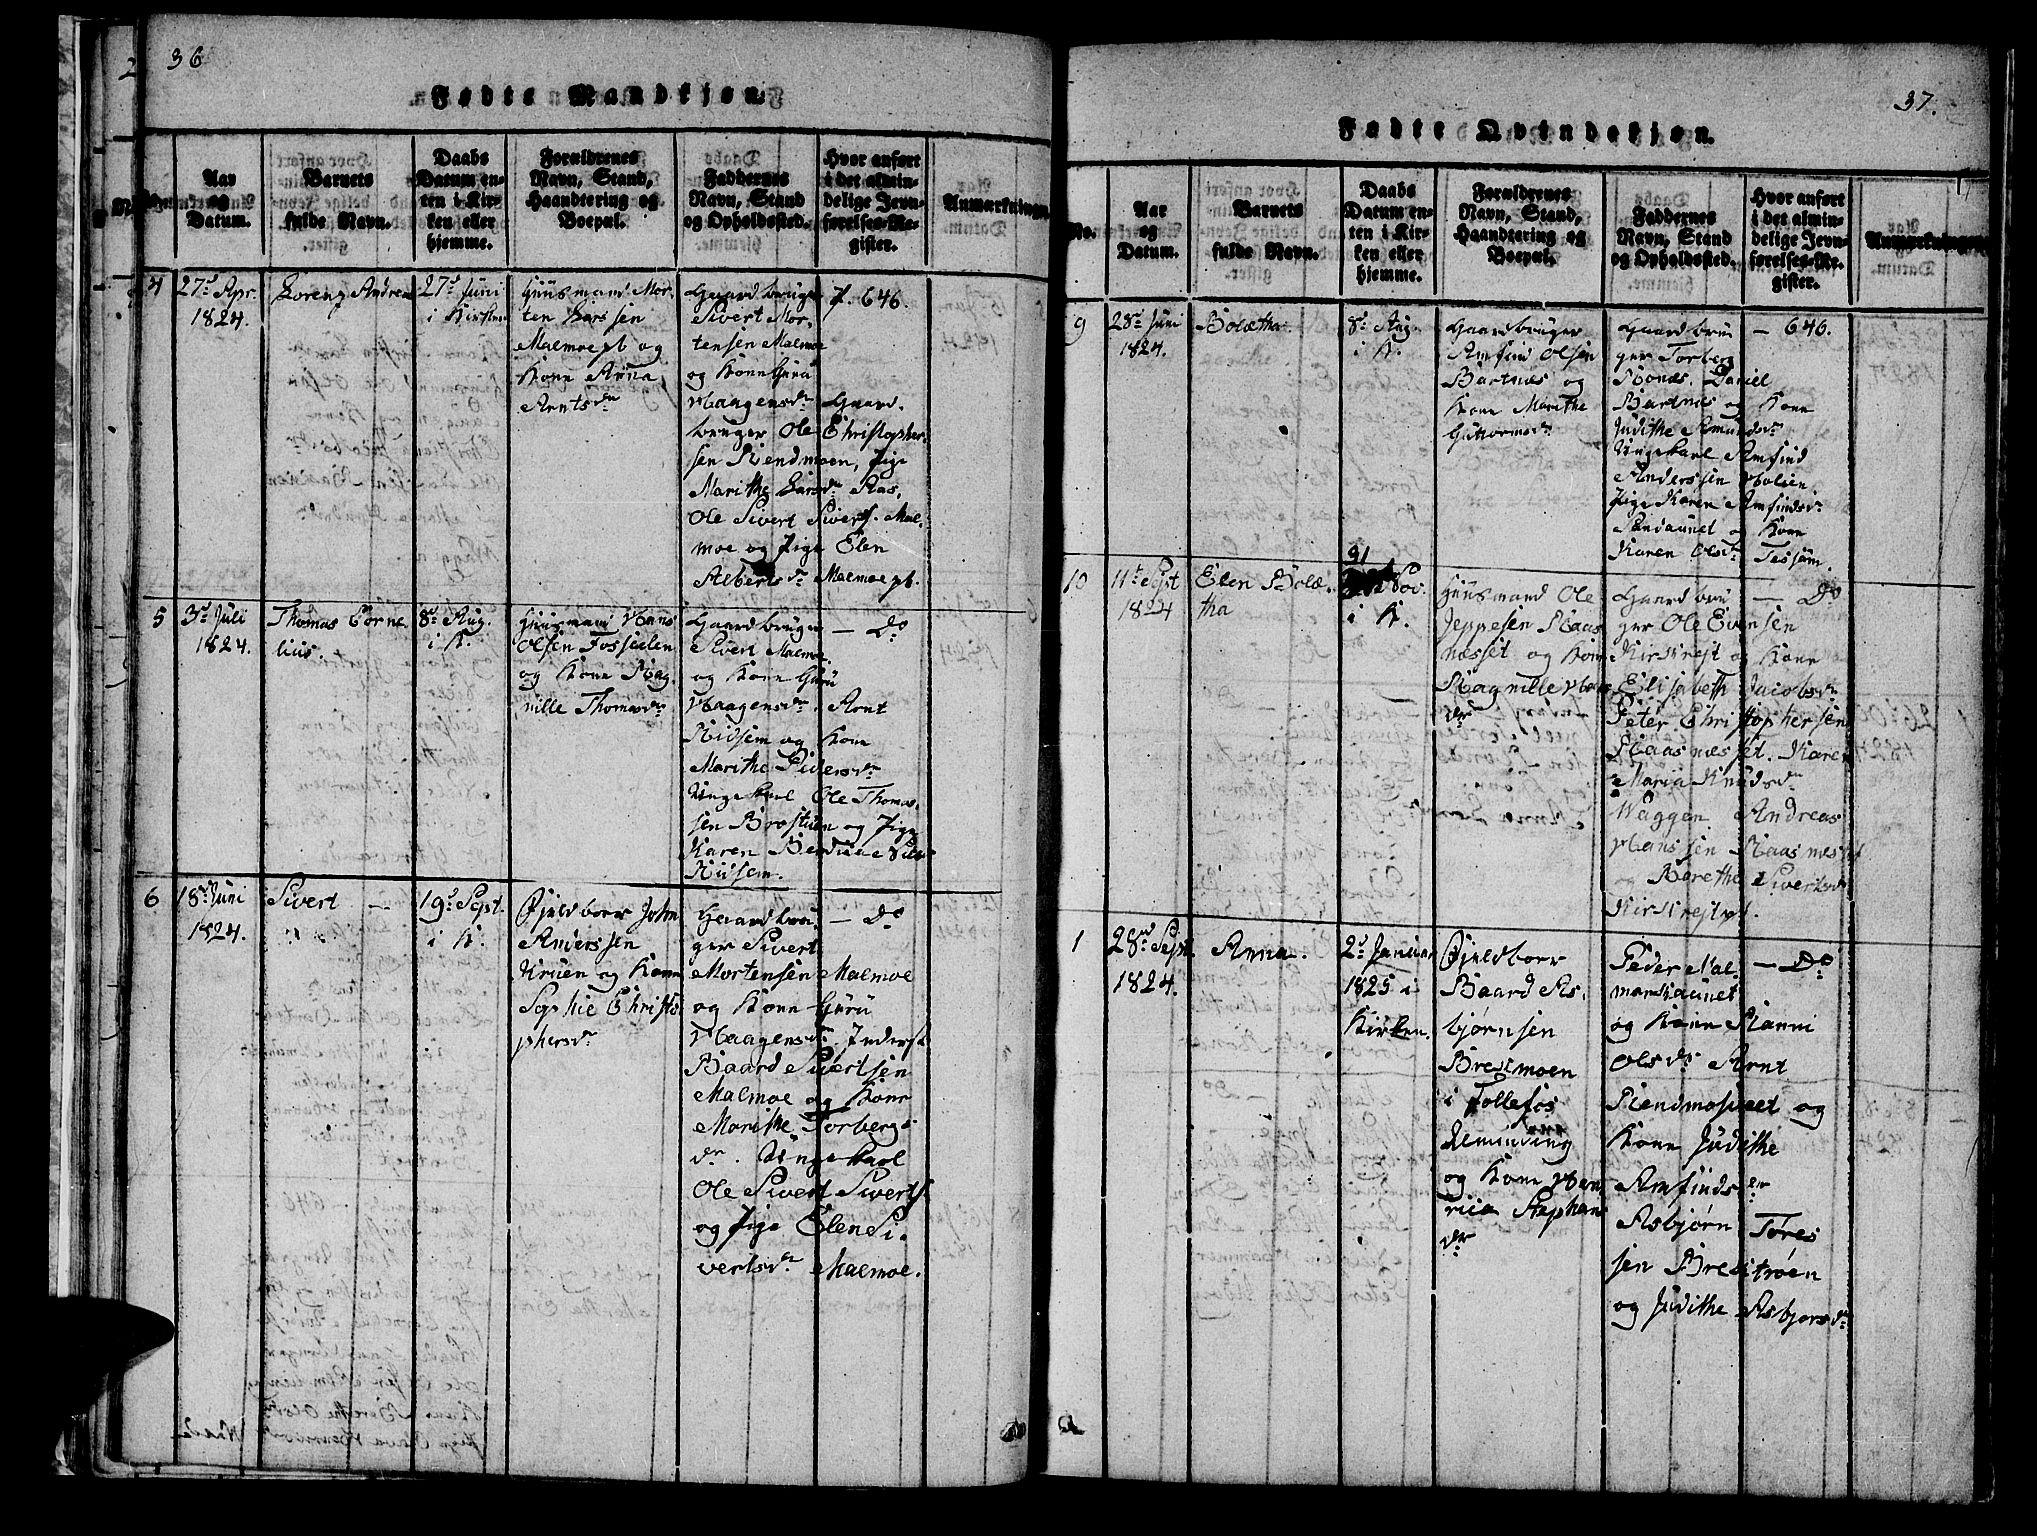 SAT, Ministerialprotokoller, klokkerbøker og fødselsregistre - Nord-Trøndelag, 745/L0433: Klokkerbok nr. 745C02, 1817-1825, s. 36-37